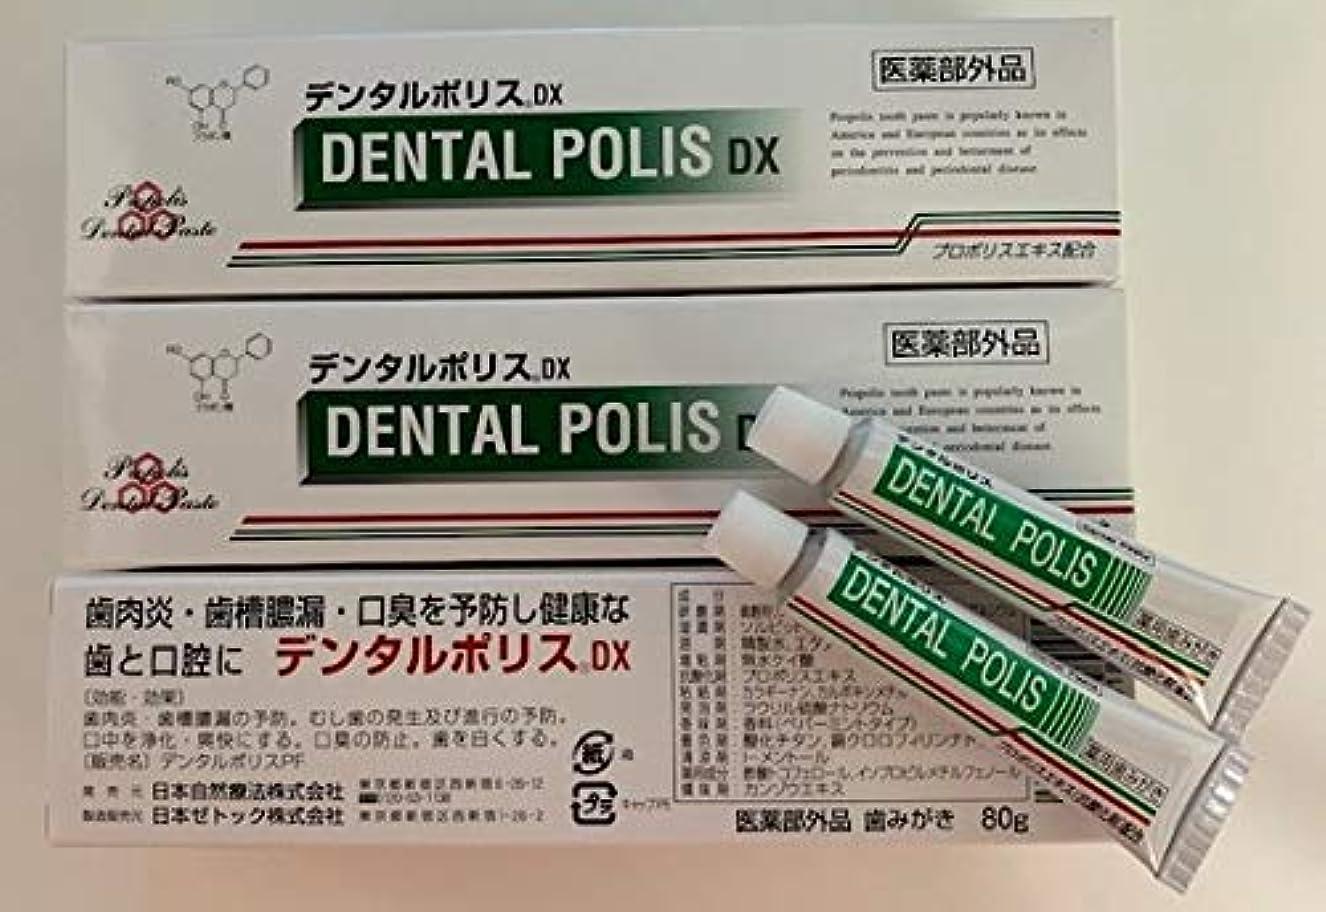 彼は不可能な戦いプロポリス配合歯みがき粉 デンタルポリスDX 3本プラス2本(8g入り) セット 歯周病予防 口臭ケア 【医薬部外品】